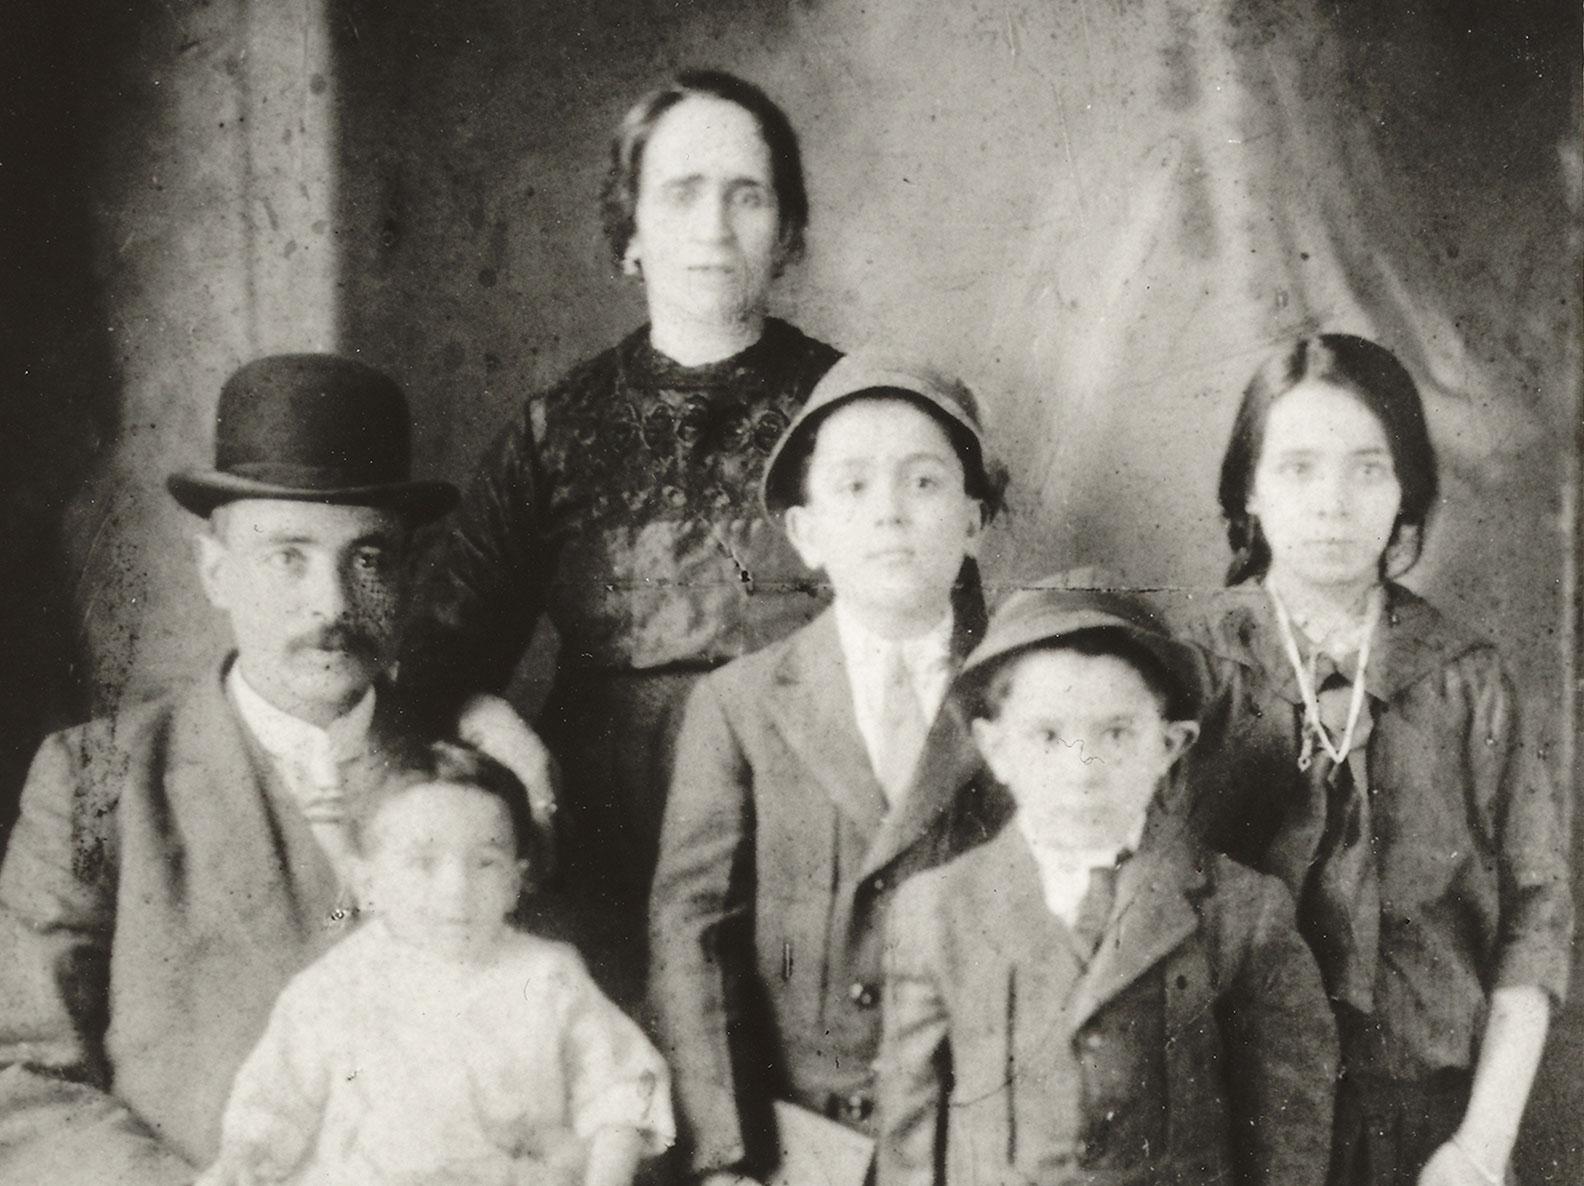 Confino family photo portrait with a young Victoria Confino